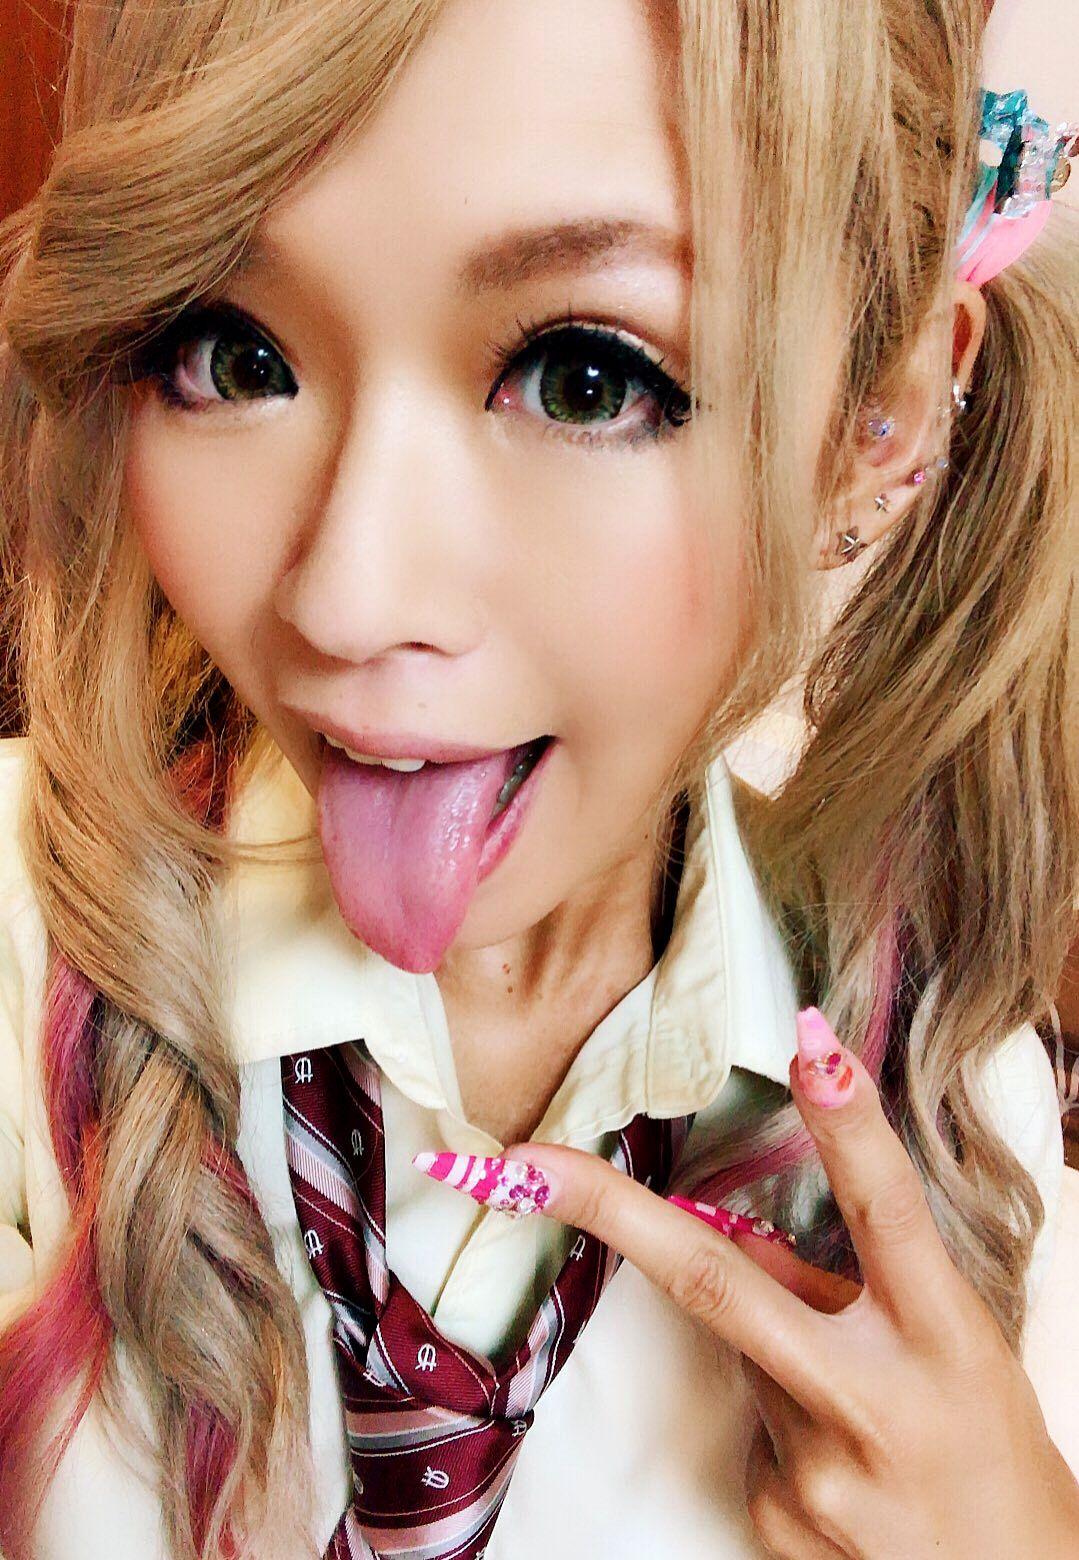 RISAの舌出し (8)